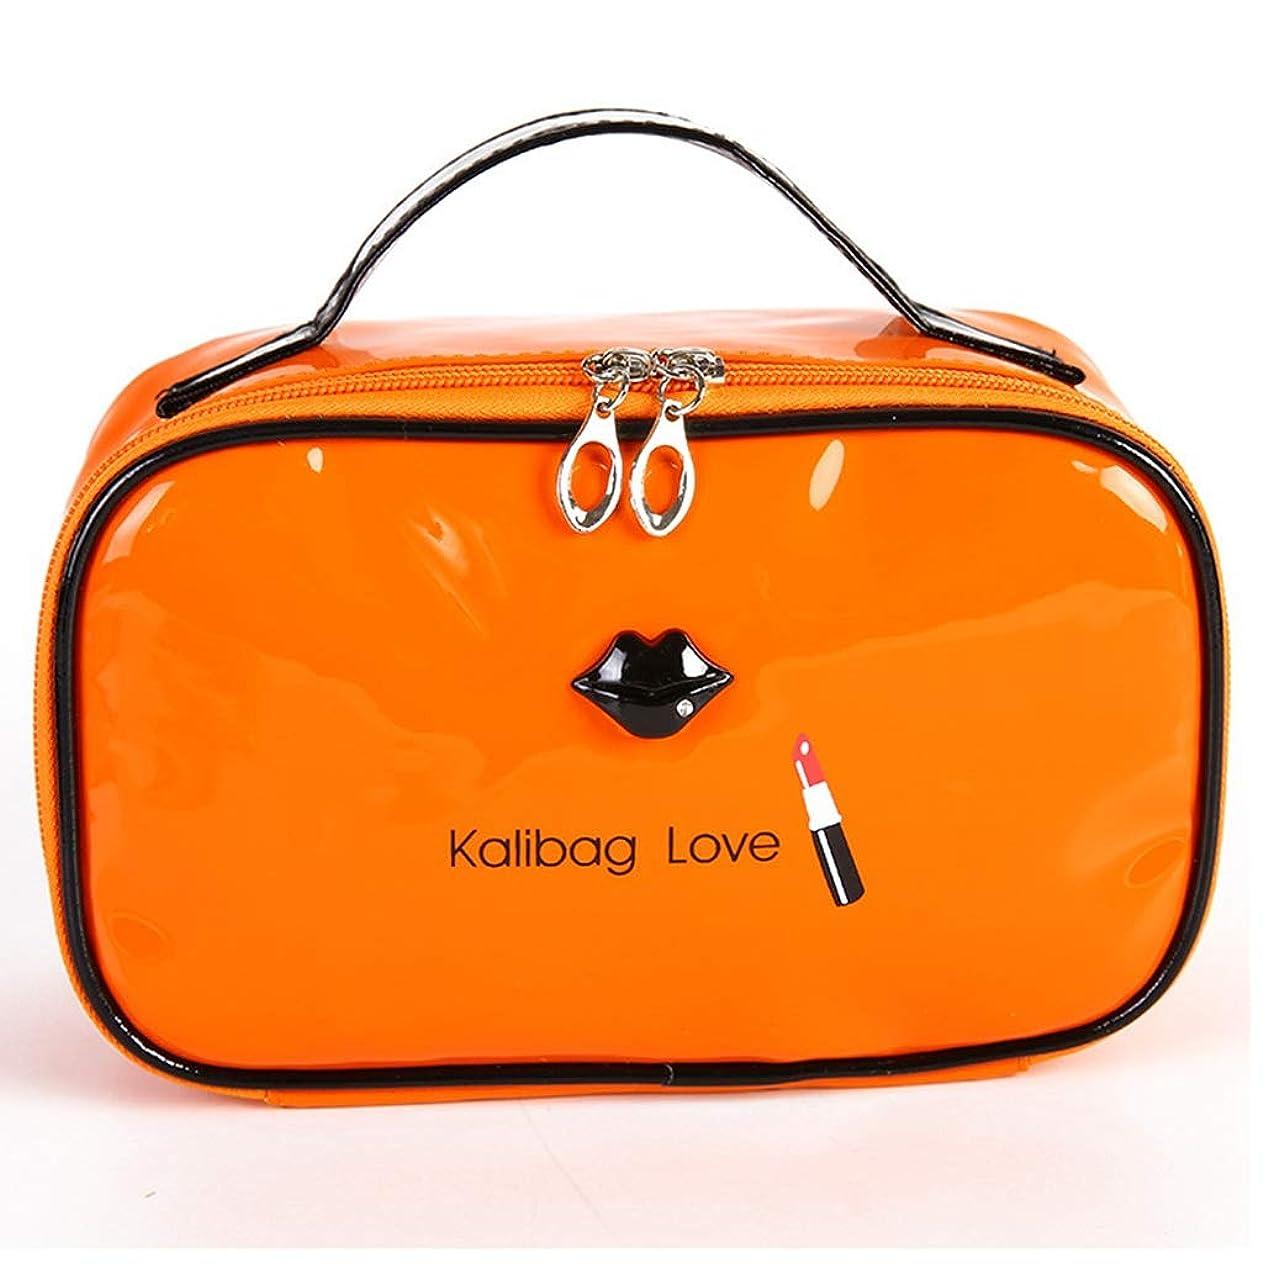 不十分な寄稿者神経障害[テンカ]メイクボックス オレンジ色 化粧ケース/バッグ/ポーチ 便携式 プロ用 收納抜群 収納袋 大容量 コスメケース 旅行用 メイクブラシバッグ 収納ケース 軽量 防水的 化粧箱 化粧品 化粧道具